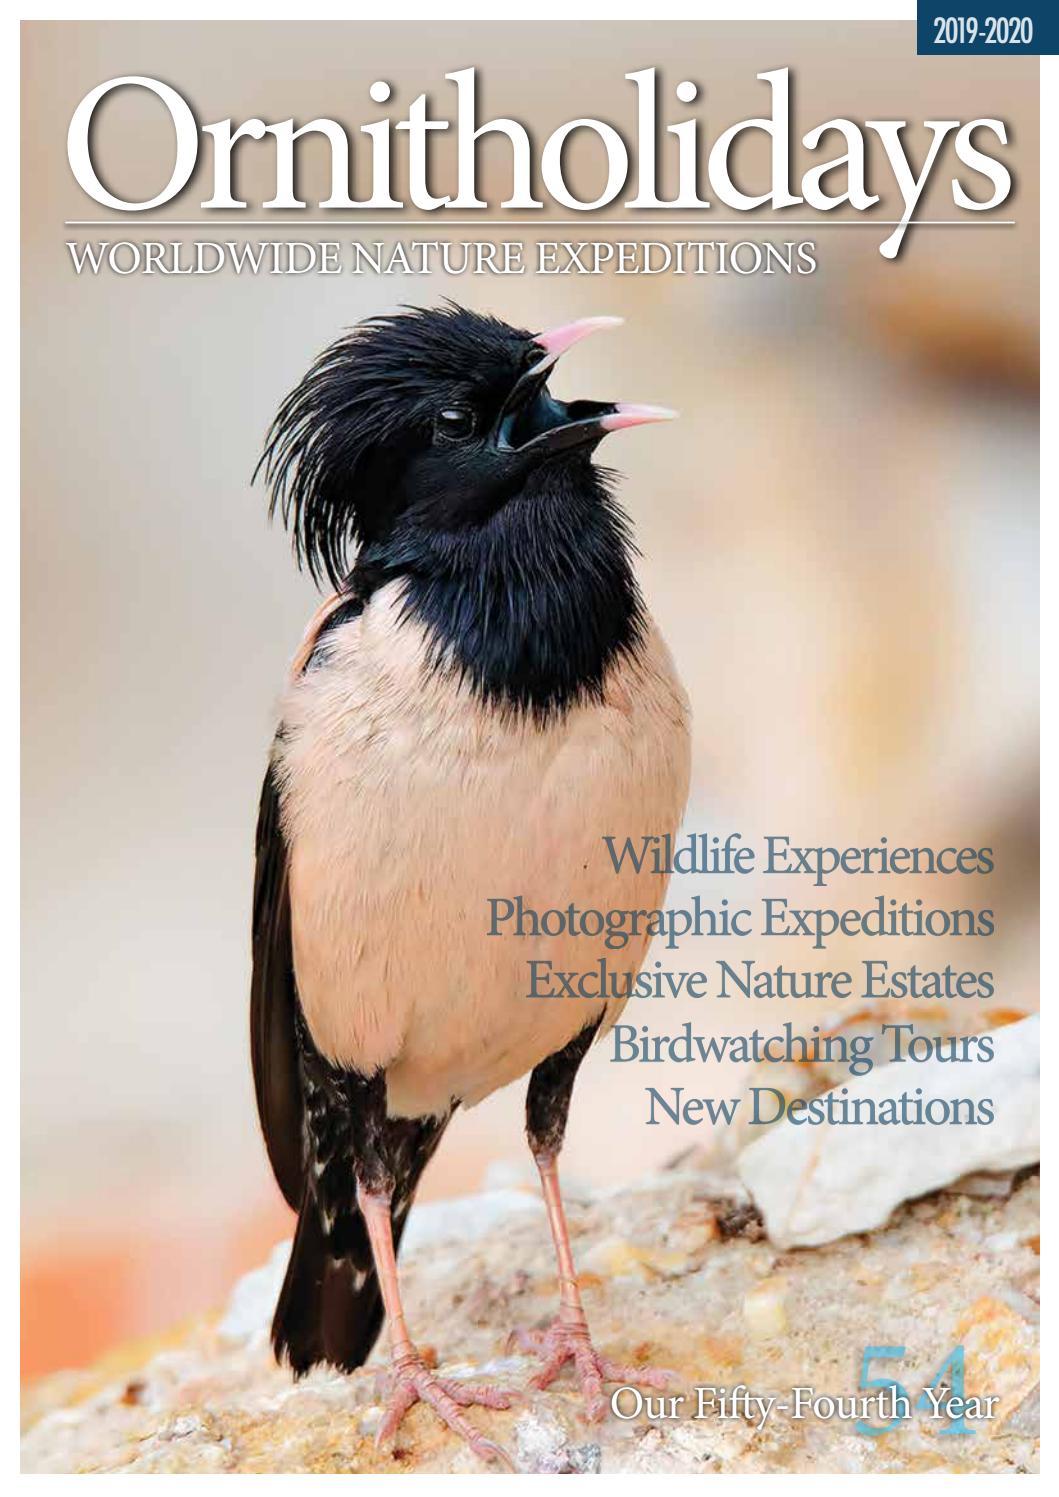 Ornitholidays 2019 2020 Brochure By Skua Nature Group Issuu